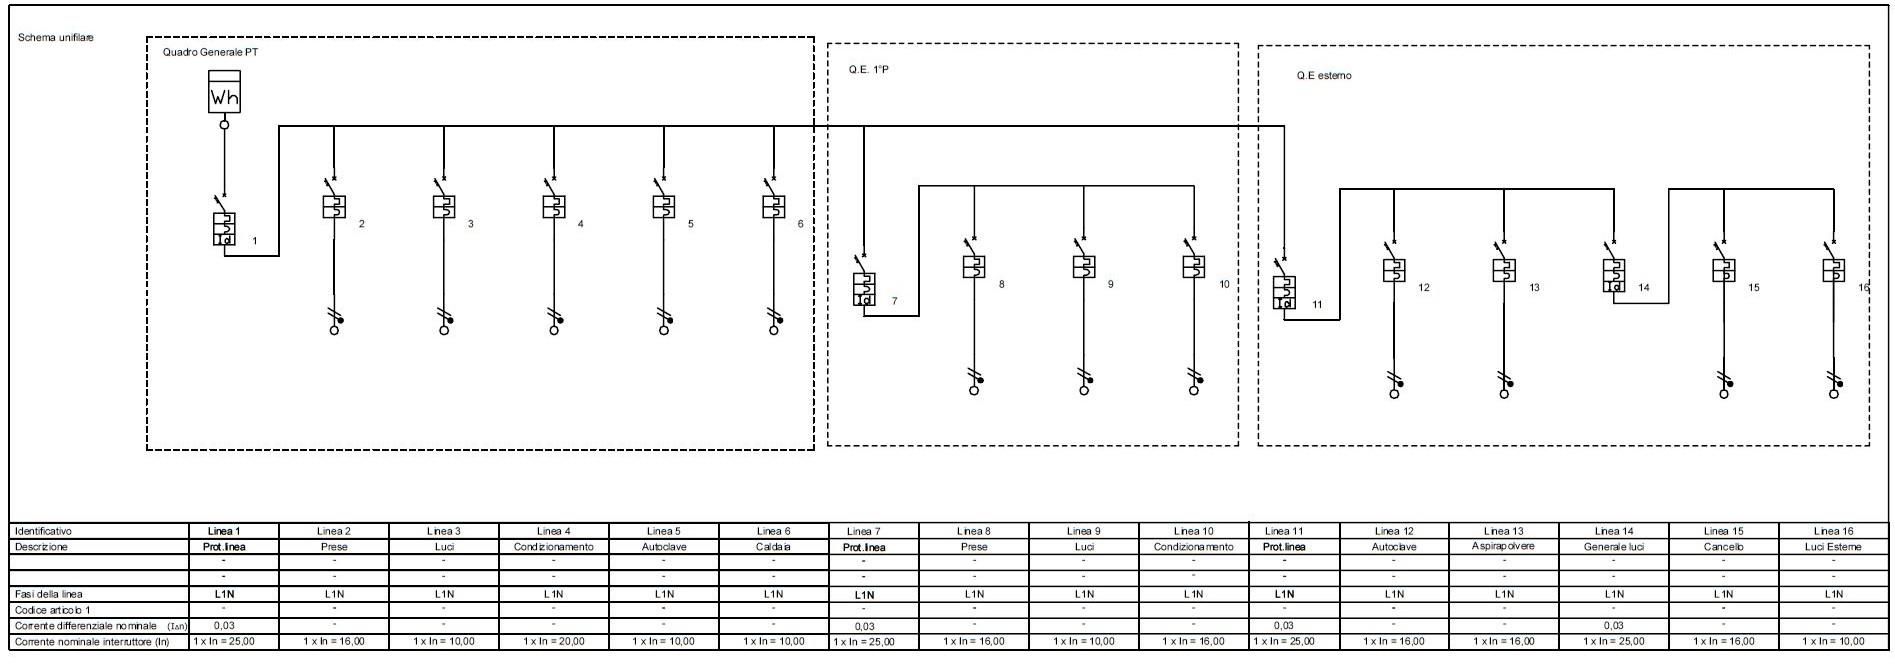 Schemi Elettrici Quadri : Software free quadri elettrici salvatore patti